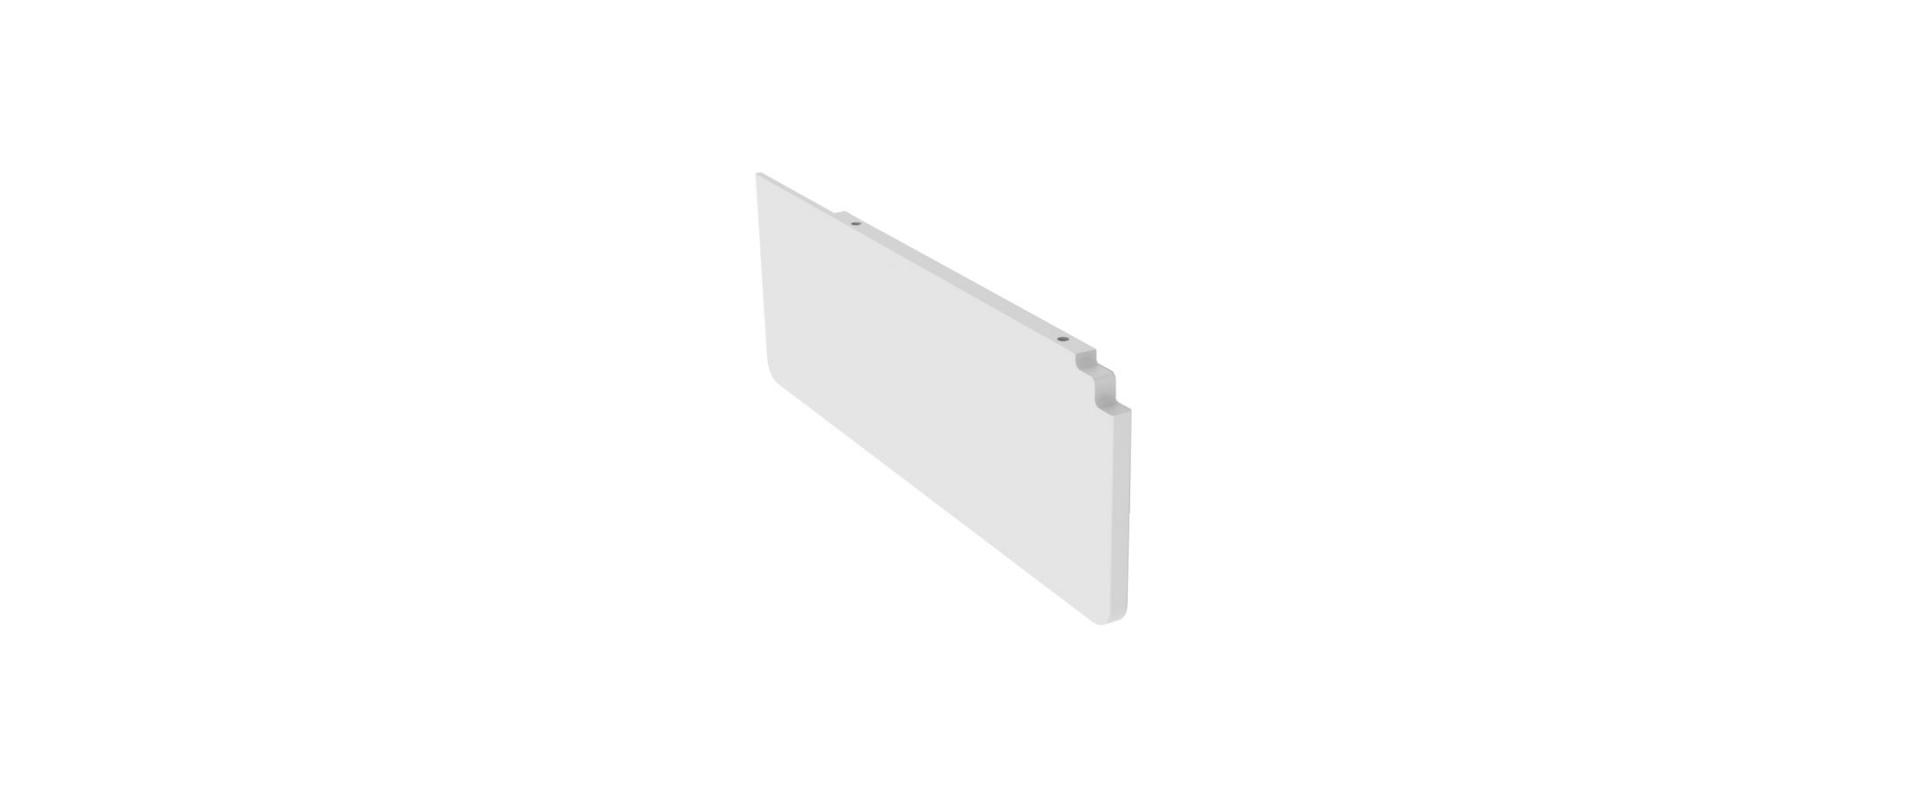 Panneau de sécurité latéral, pour un élévateur sans un panneau de couverture, Baselift 6300